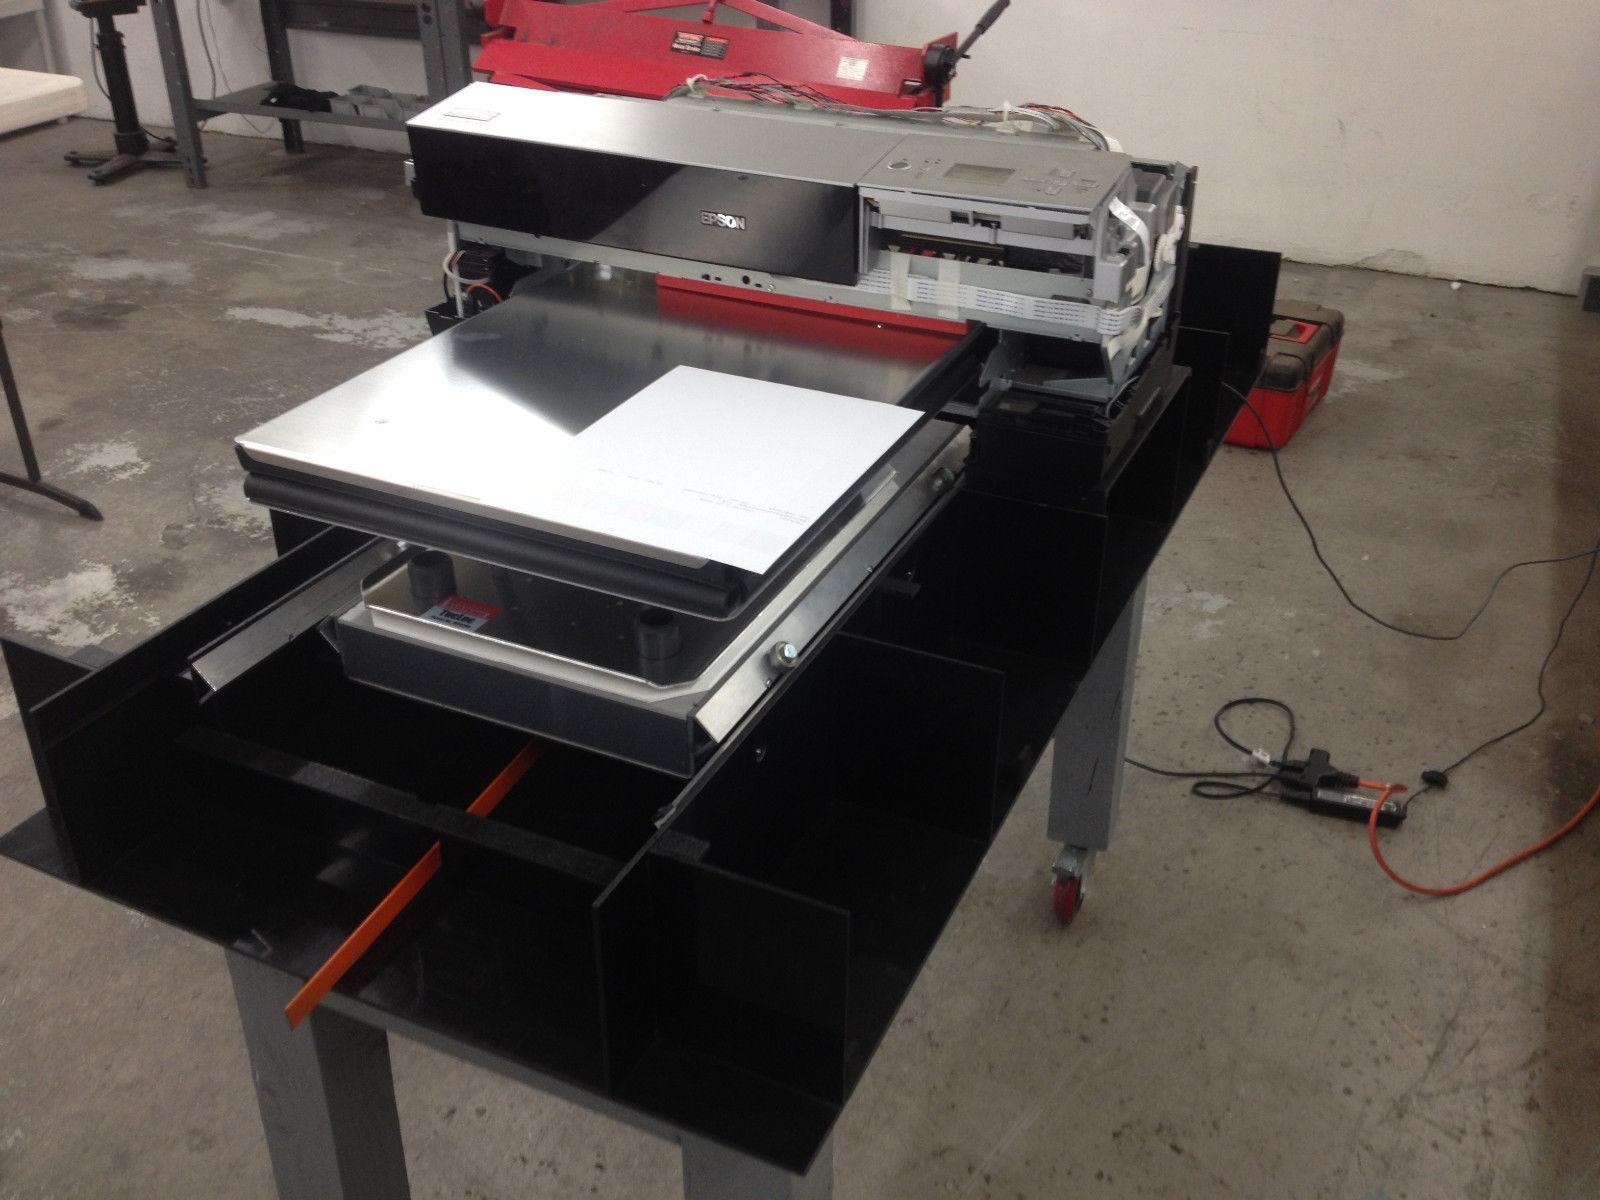 diy dtg diy flatbed dtg printer r3880 1 200